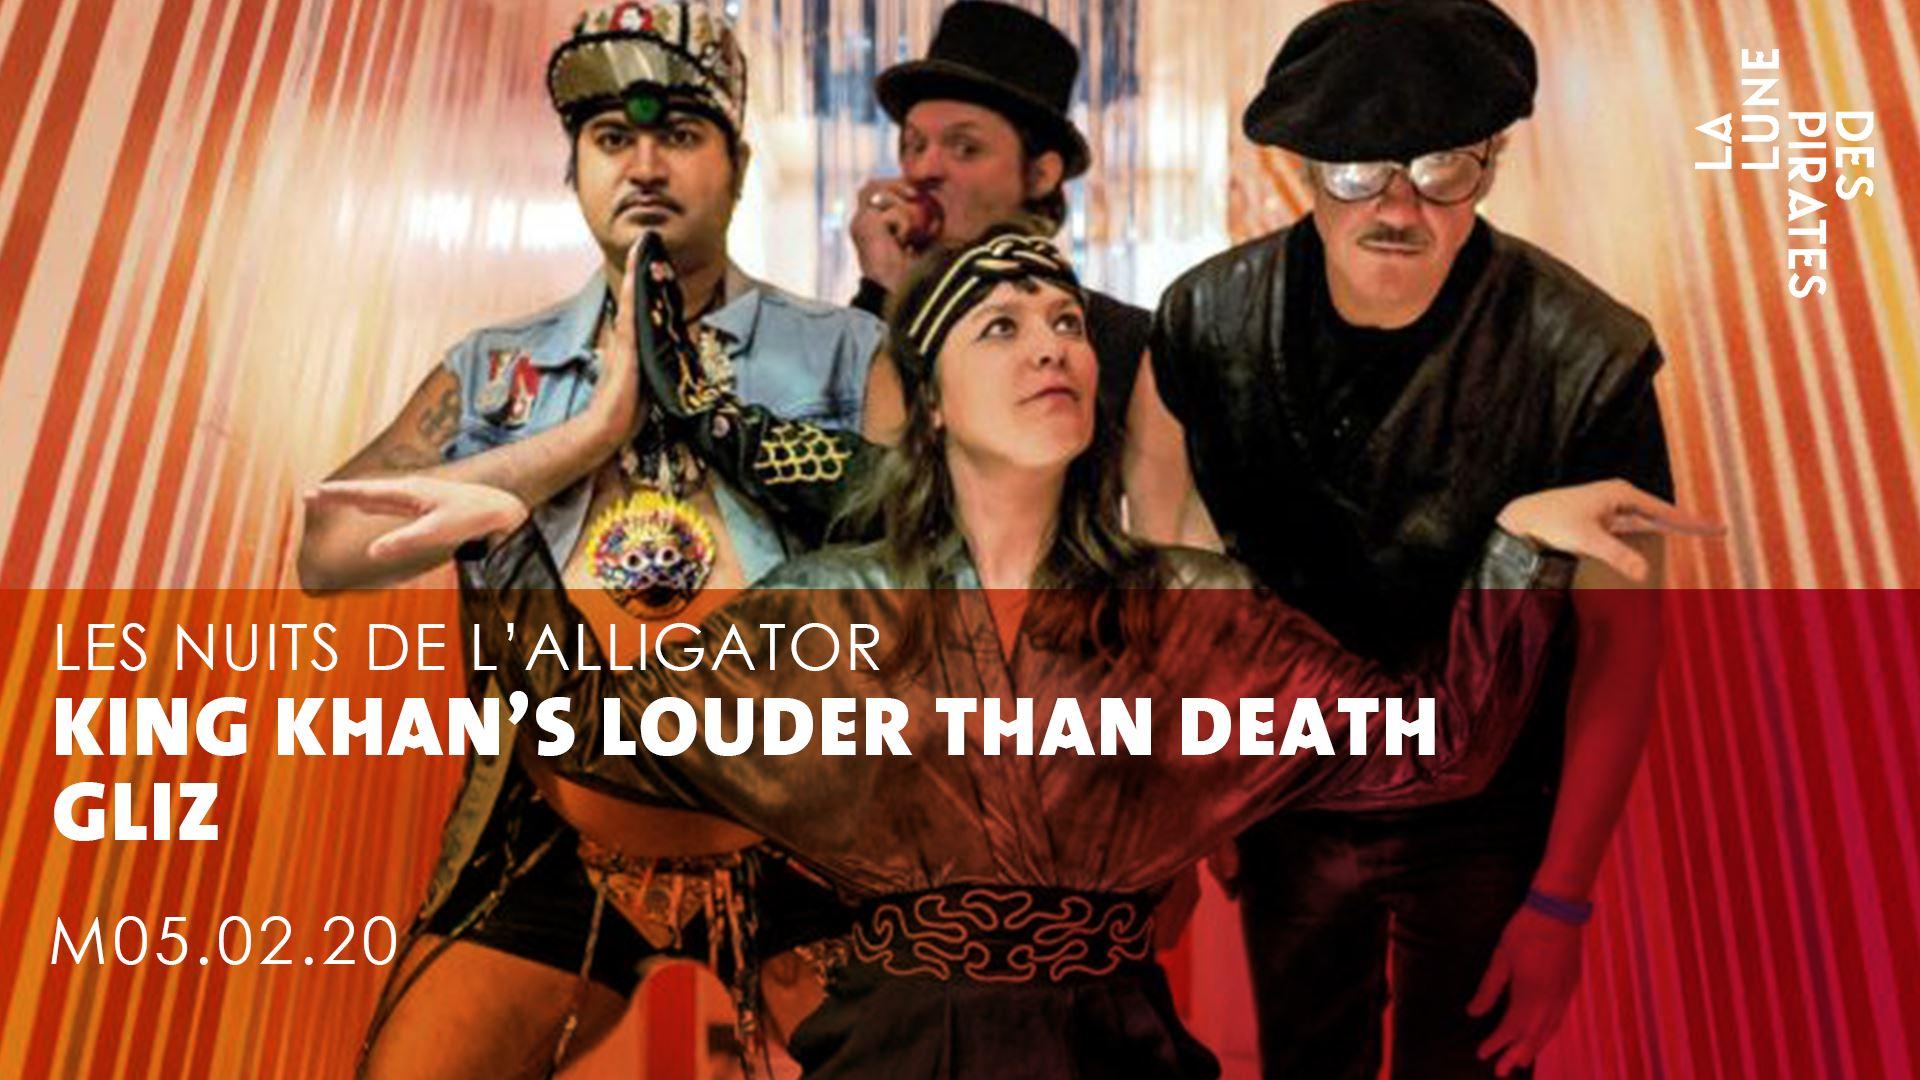 LES NUITS DE L'ALLIGATOR : KING KHAN'S LOUDER THAN DEATH + GLIZ / MERCREDI 5 FÉVRIER 2020 / LA LUNE DES PIRATES